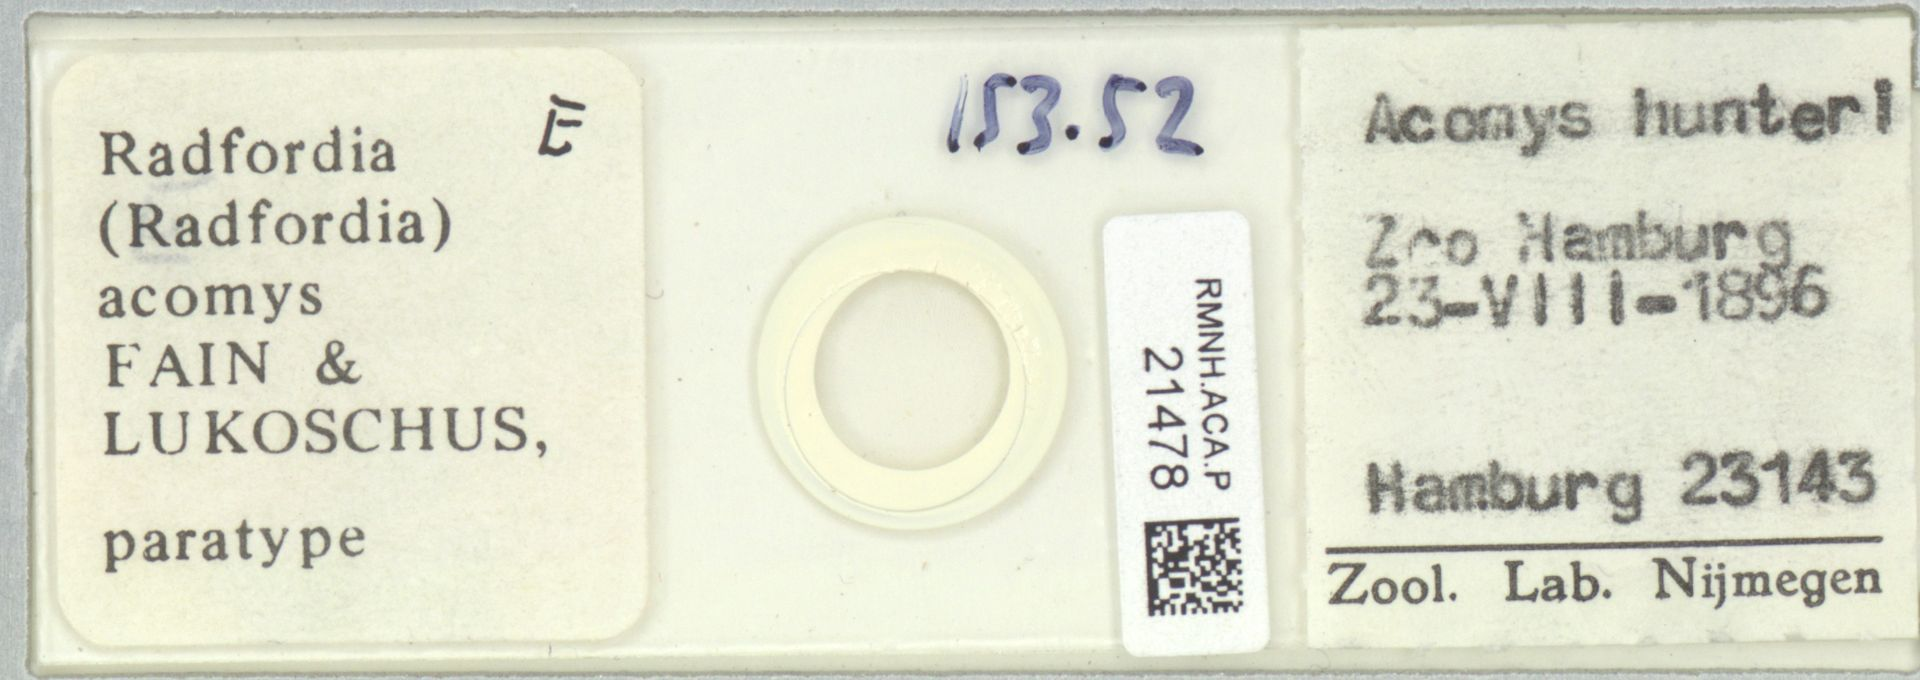 RMNH.ACA.P.21478 | Radfordia (Radfordia) acomys FAIN & LUKOSCHUS